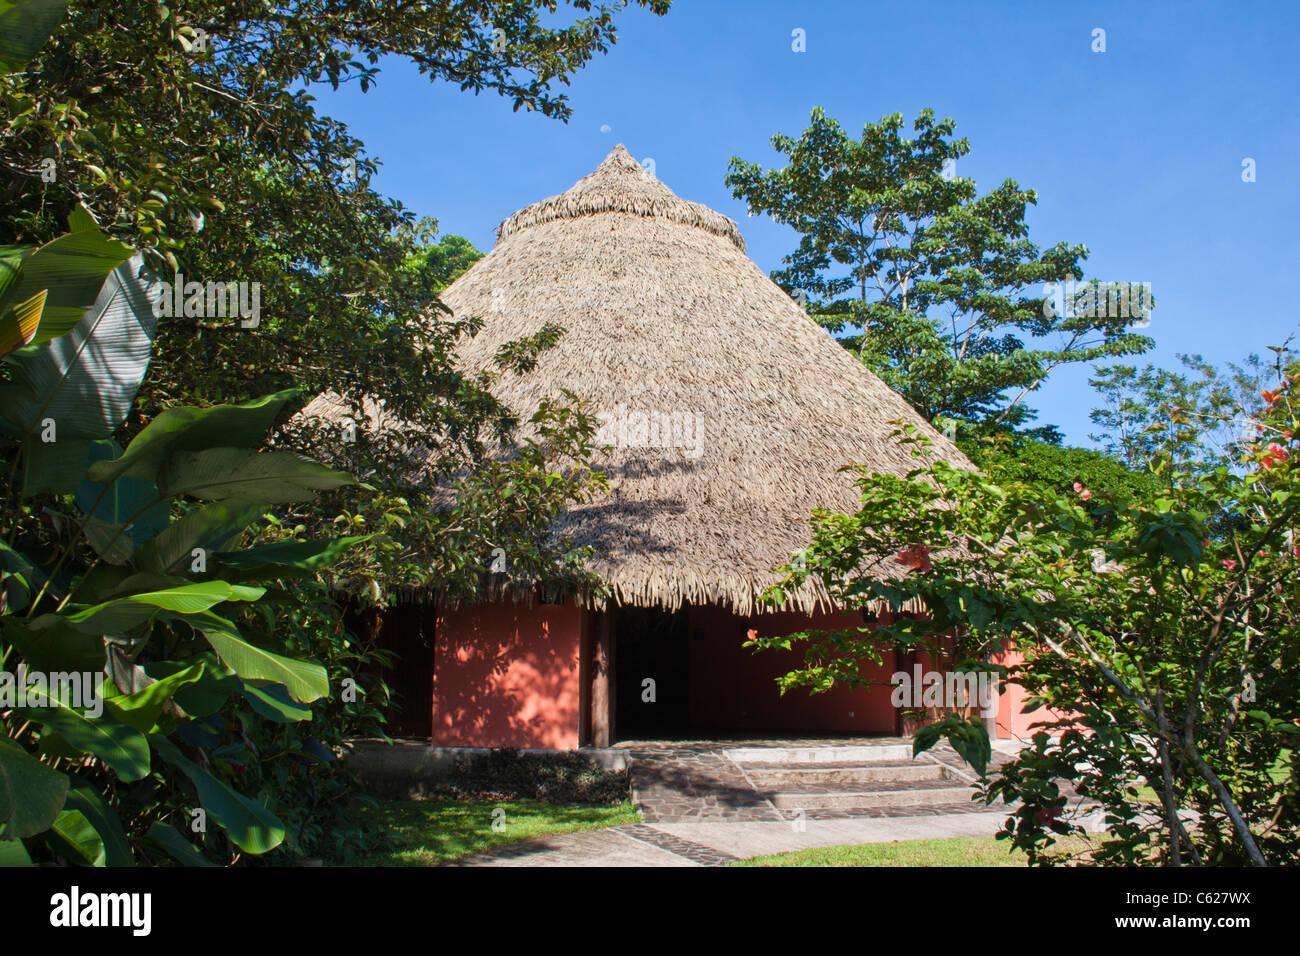 Sarapiqui Neotropic Center indigenous design cabins in Sarapiqui, Costa Rica. - Stock Image